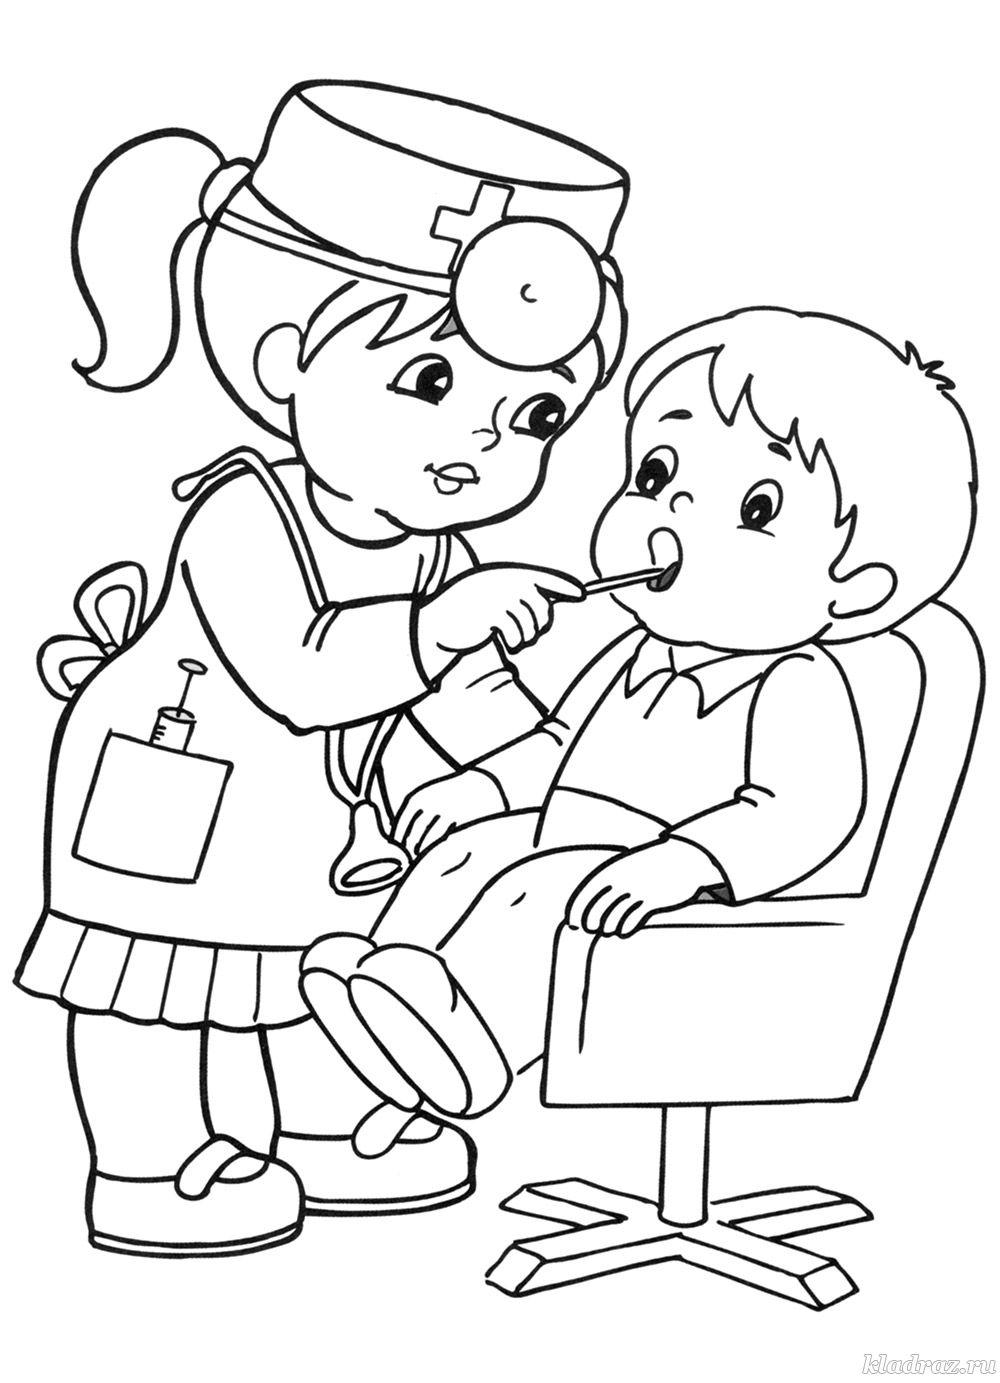 Раскраска профессии в картинках для детей